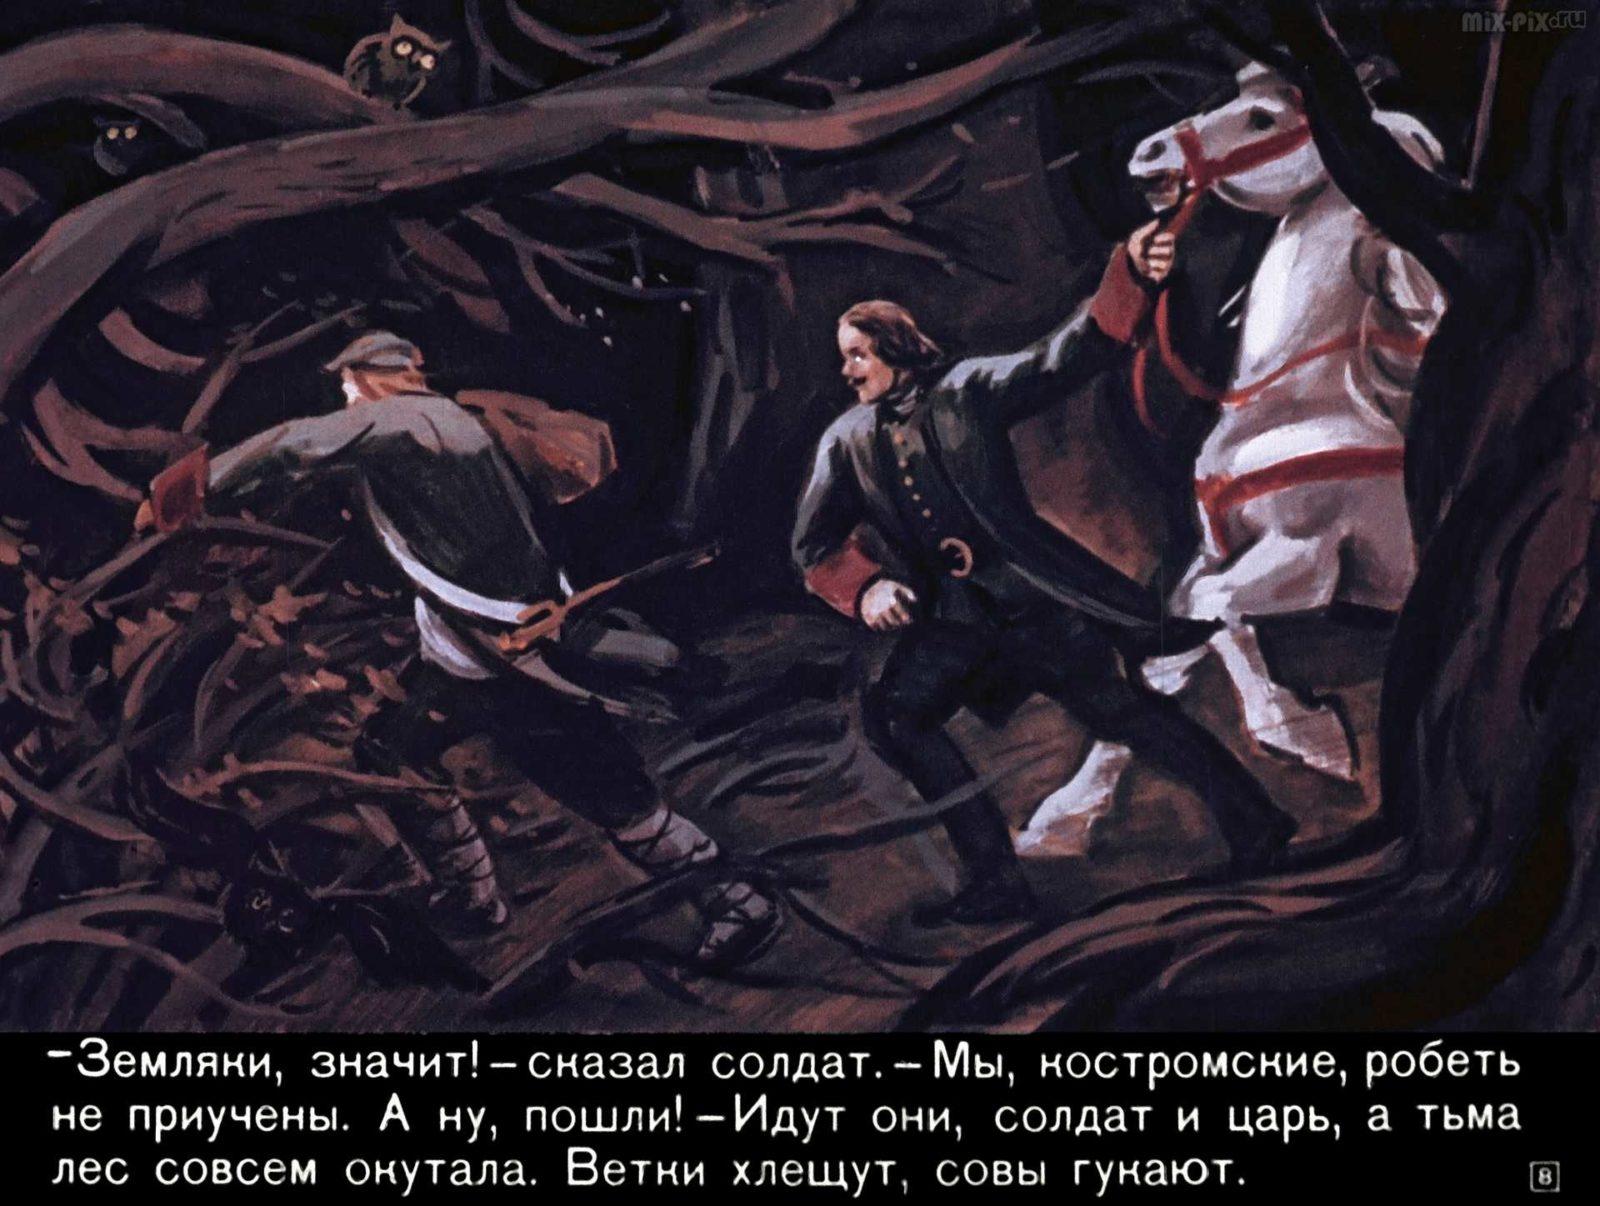 Сказка о бывалом солдате, царе и двенадцати разбойниках (1969) 26